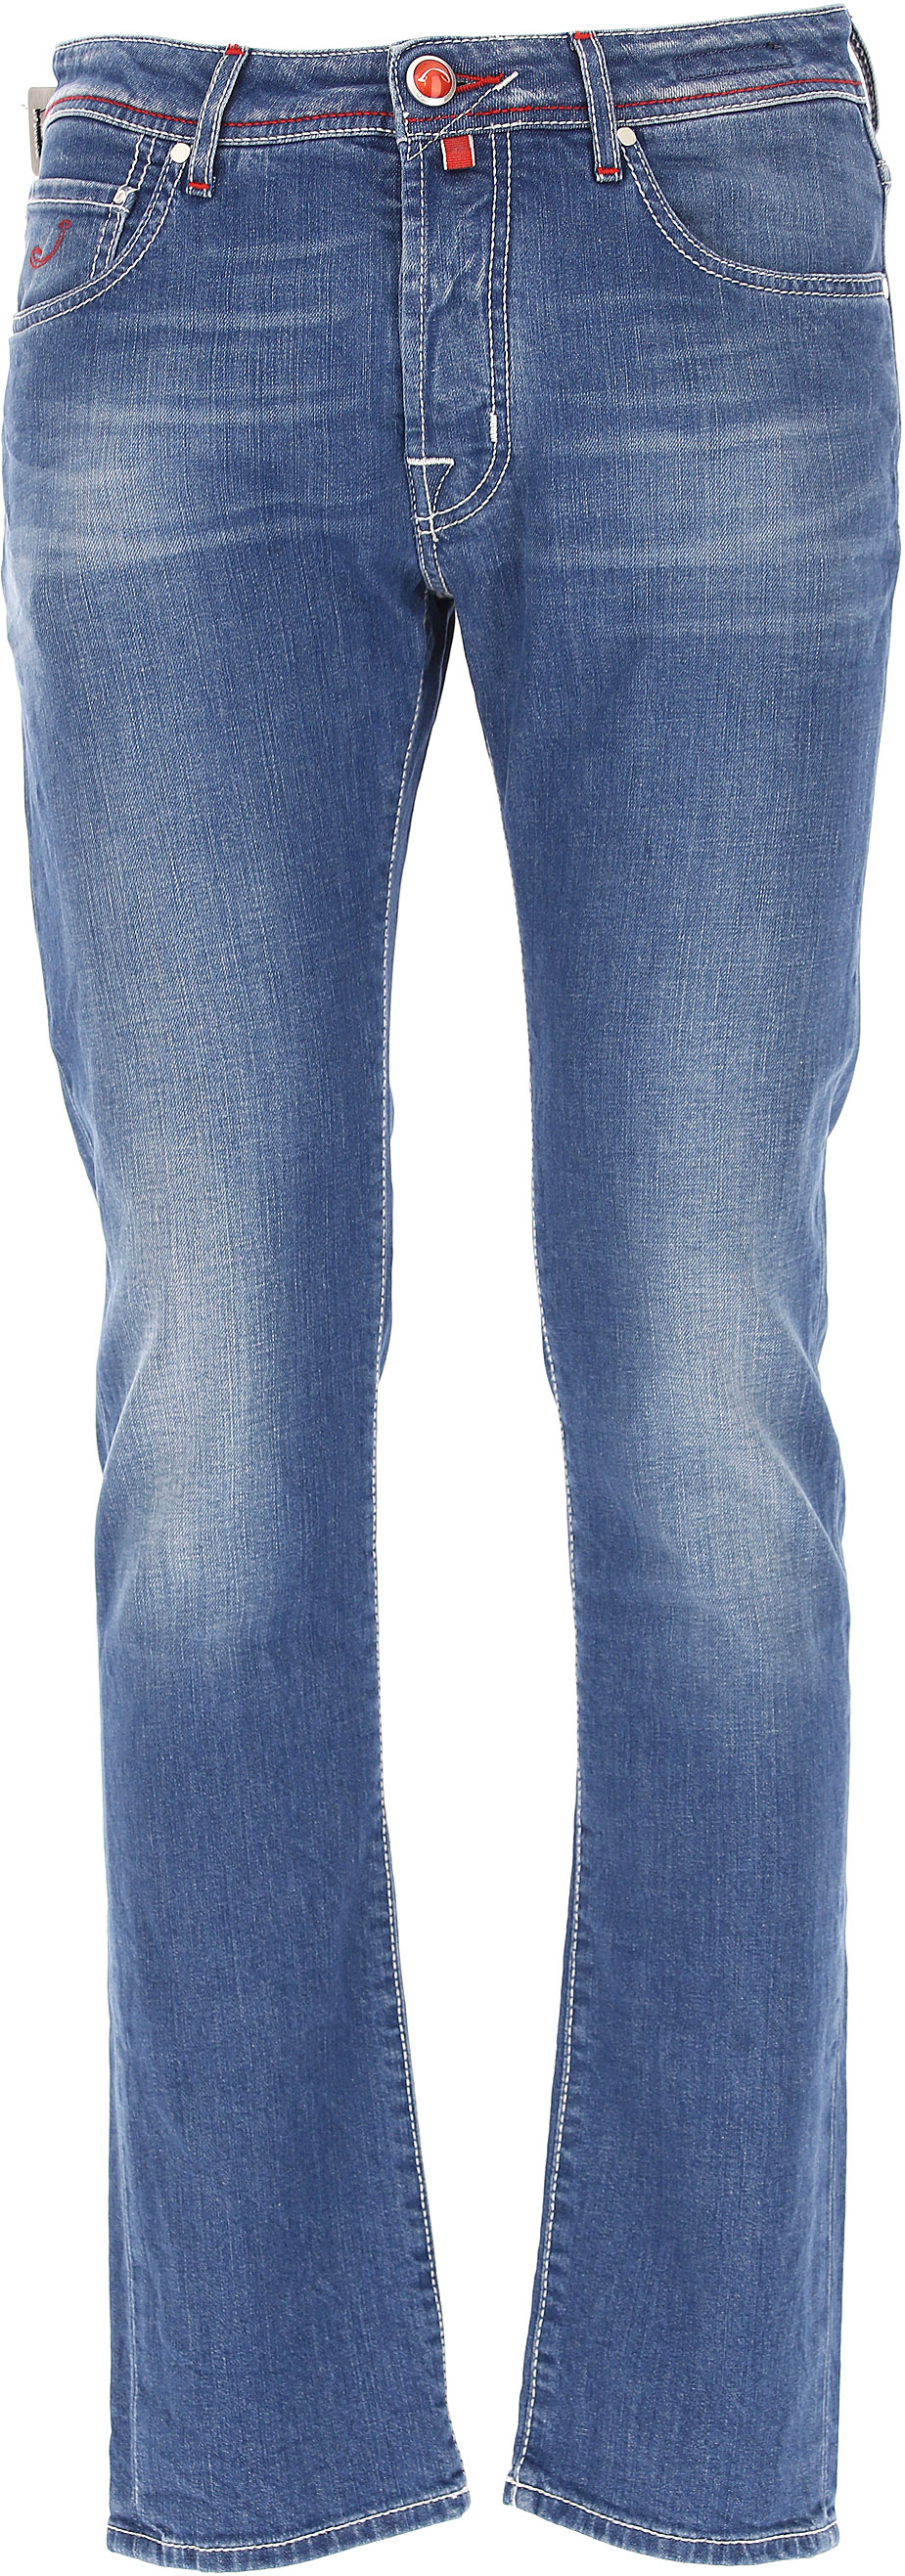 Abbigliamento Uomo Jacob Cohen, Codice Articolo: j688-00969w3-4901